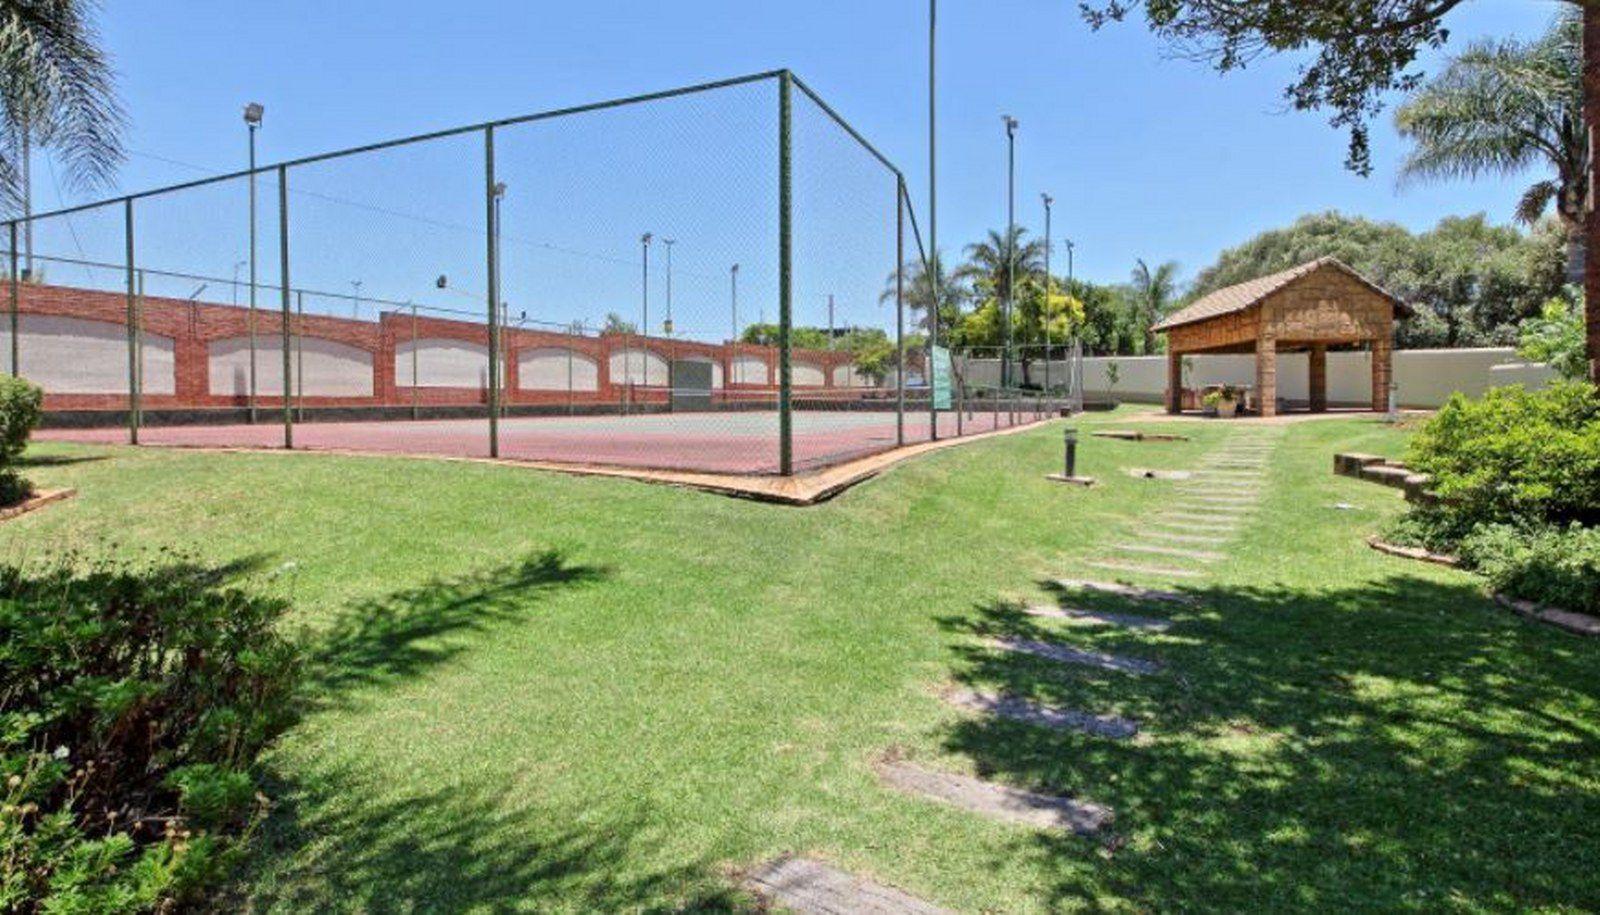 Tennis_1600x915.JPG